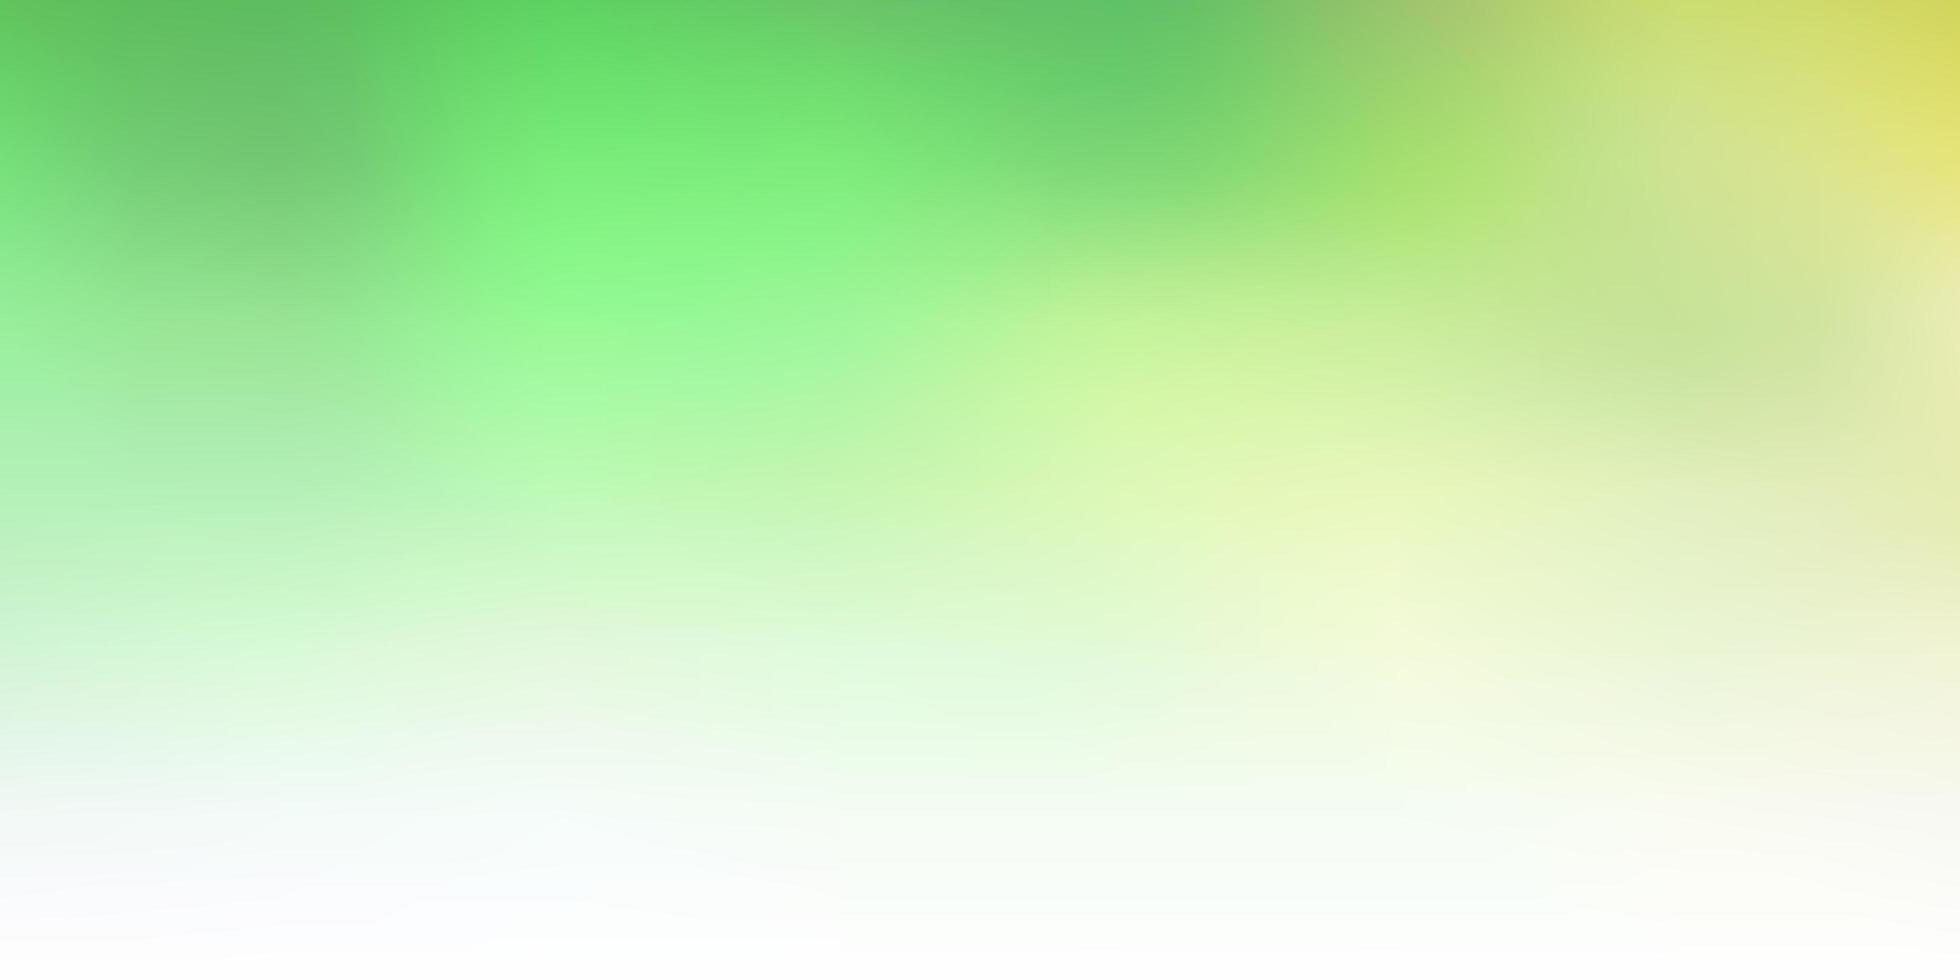 lichtgroene, gele vector abstracte onduidelijk beeldachtergrond.